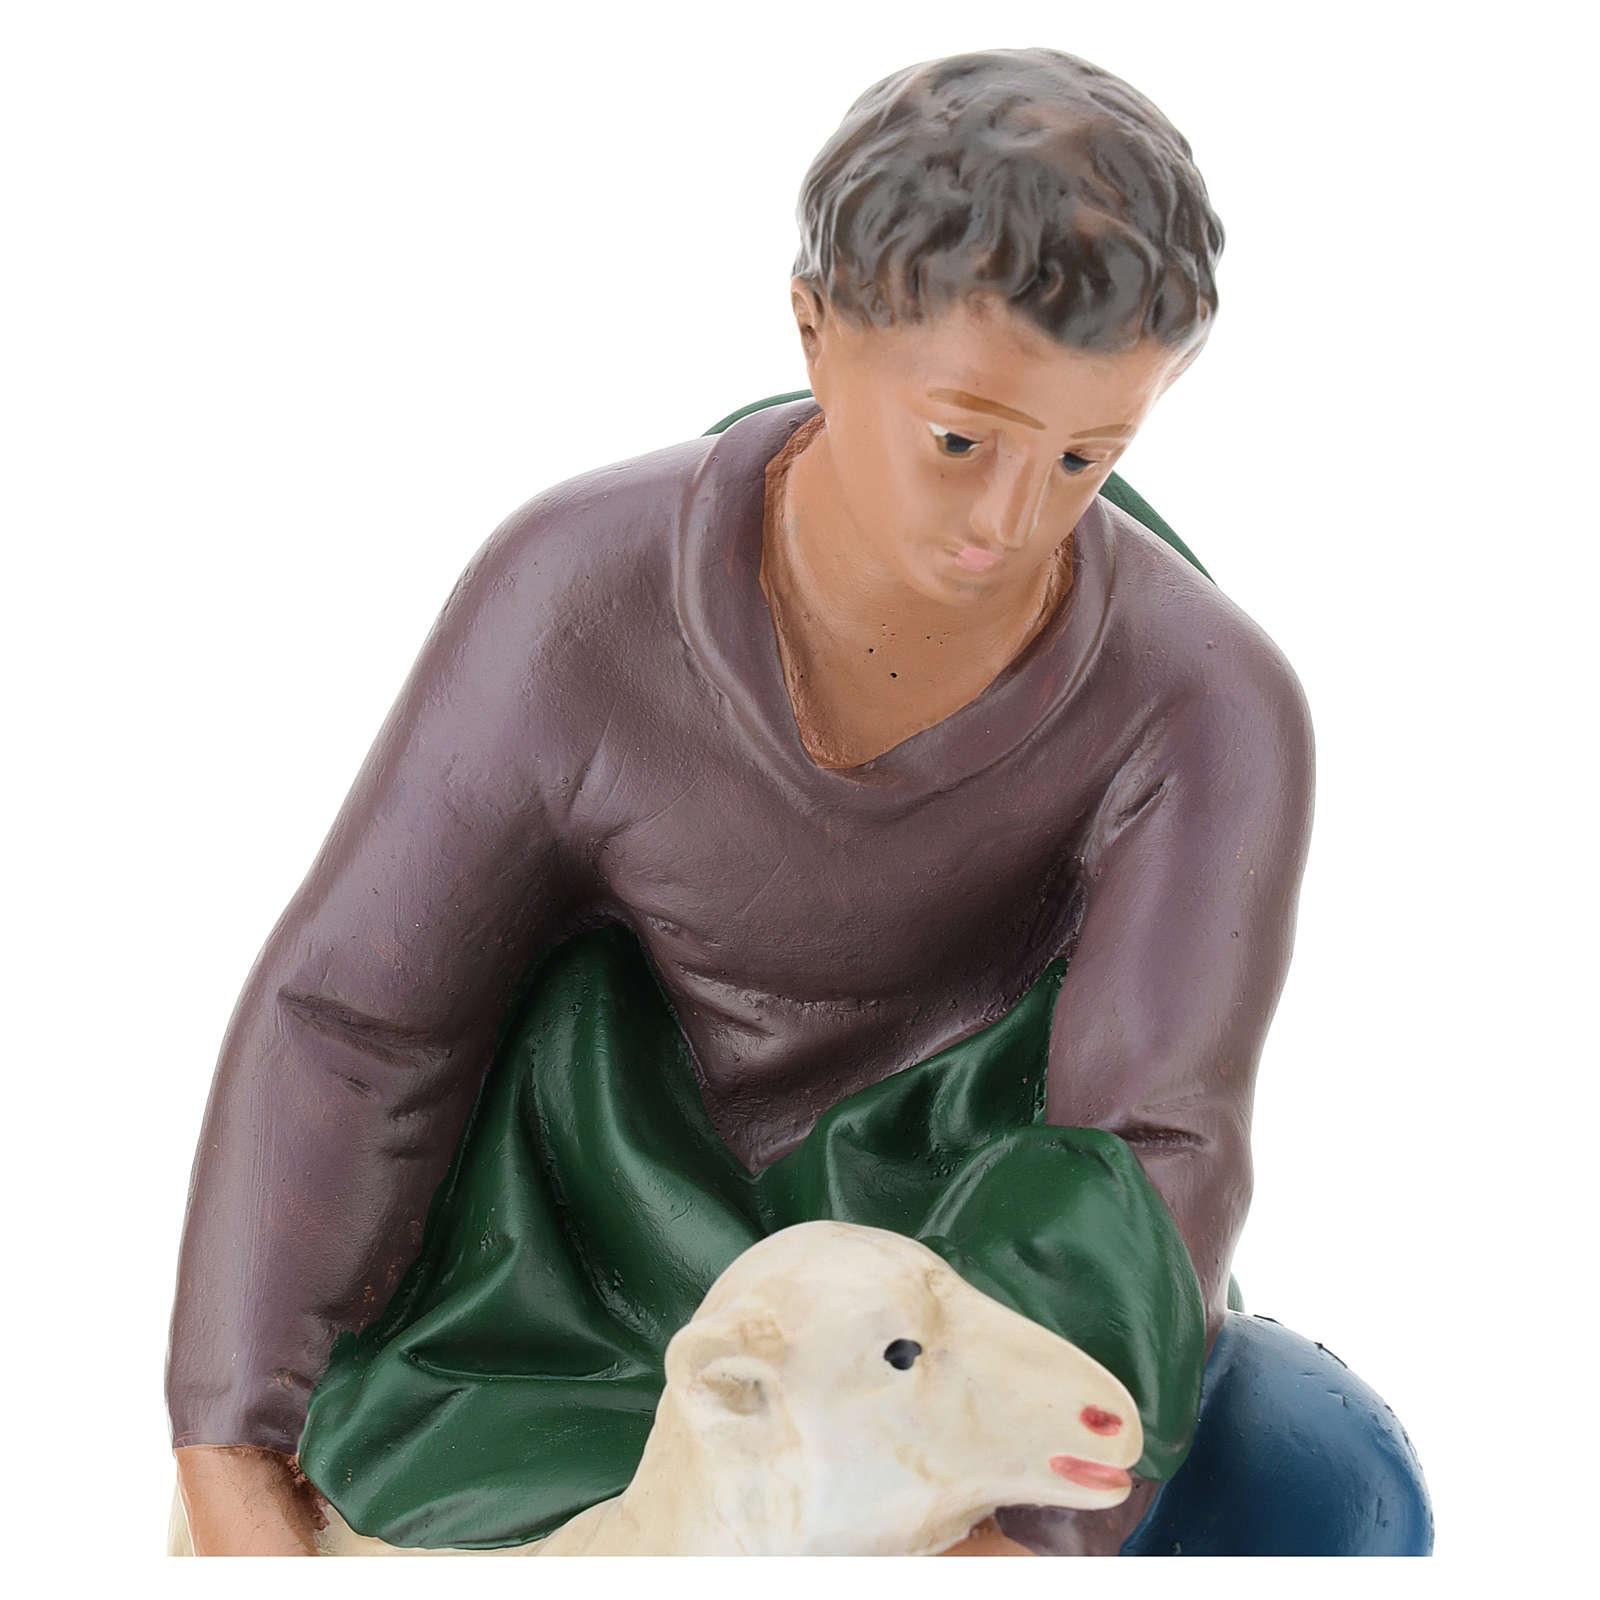 Berger agenouillé avec mouton plâtre 30 cm Arte Barsanti 4